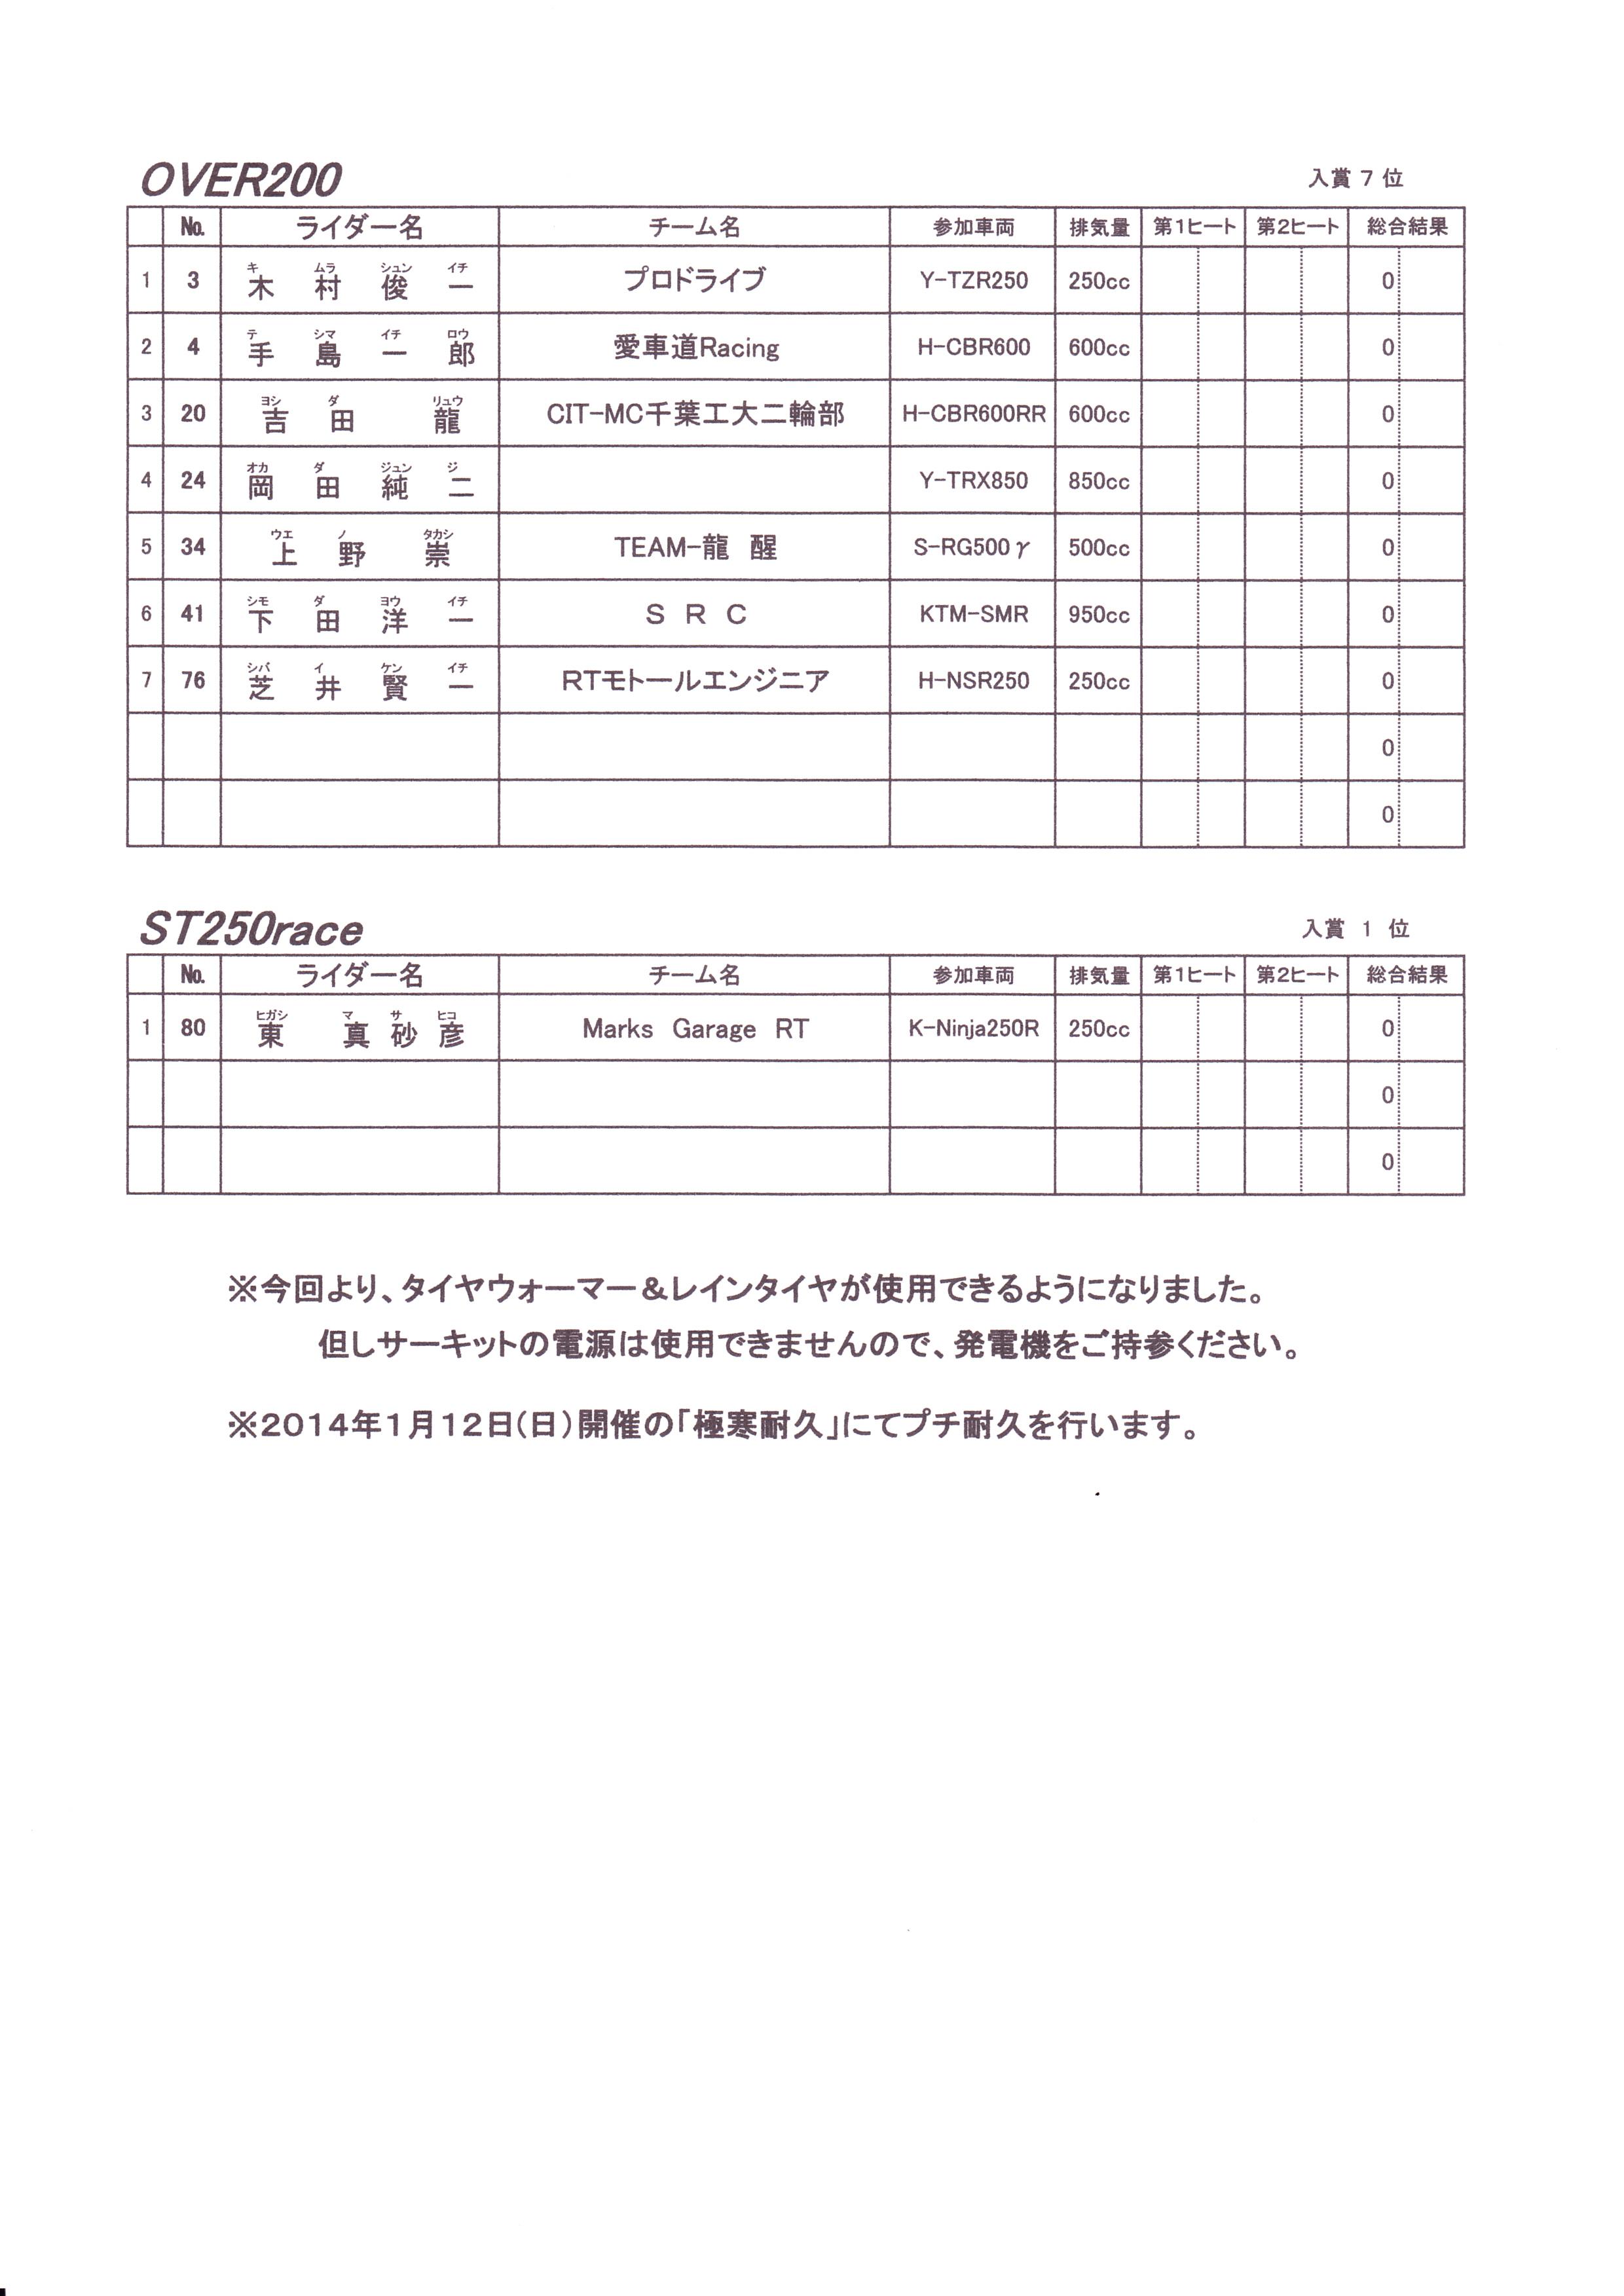 20131124_3.jpg